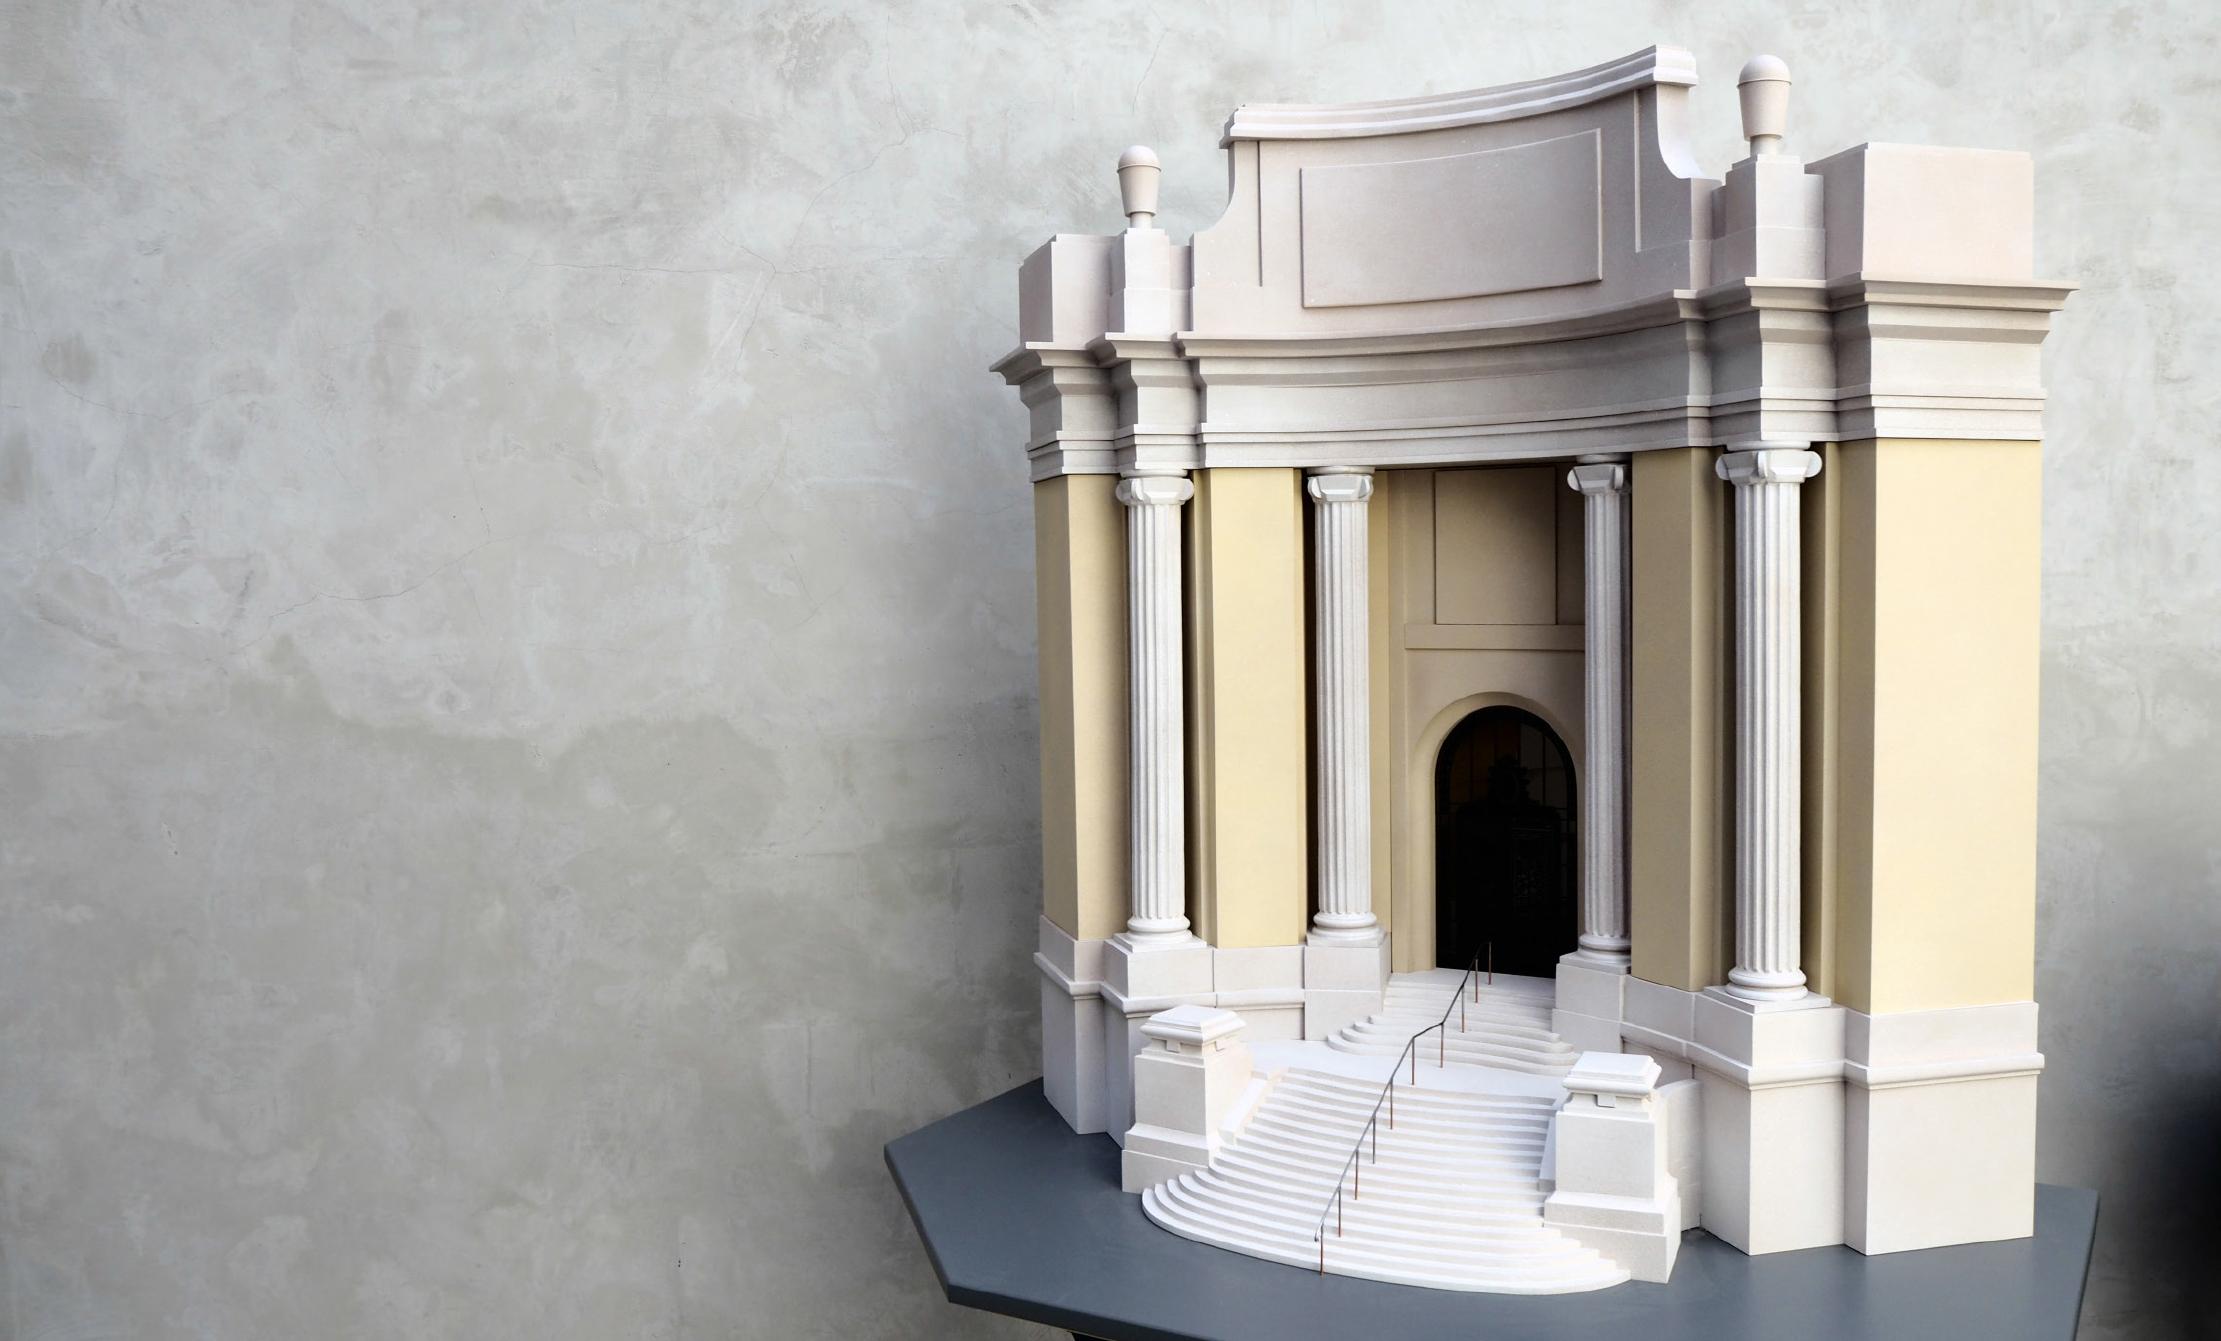 grand-palais-paris-maquette-1:25-fiac-art-architecture_01